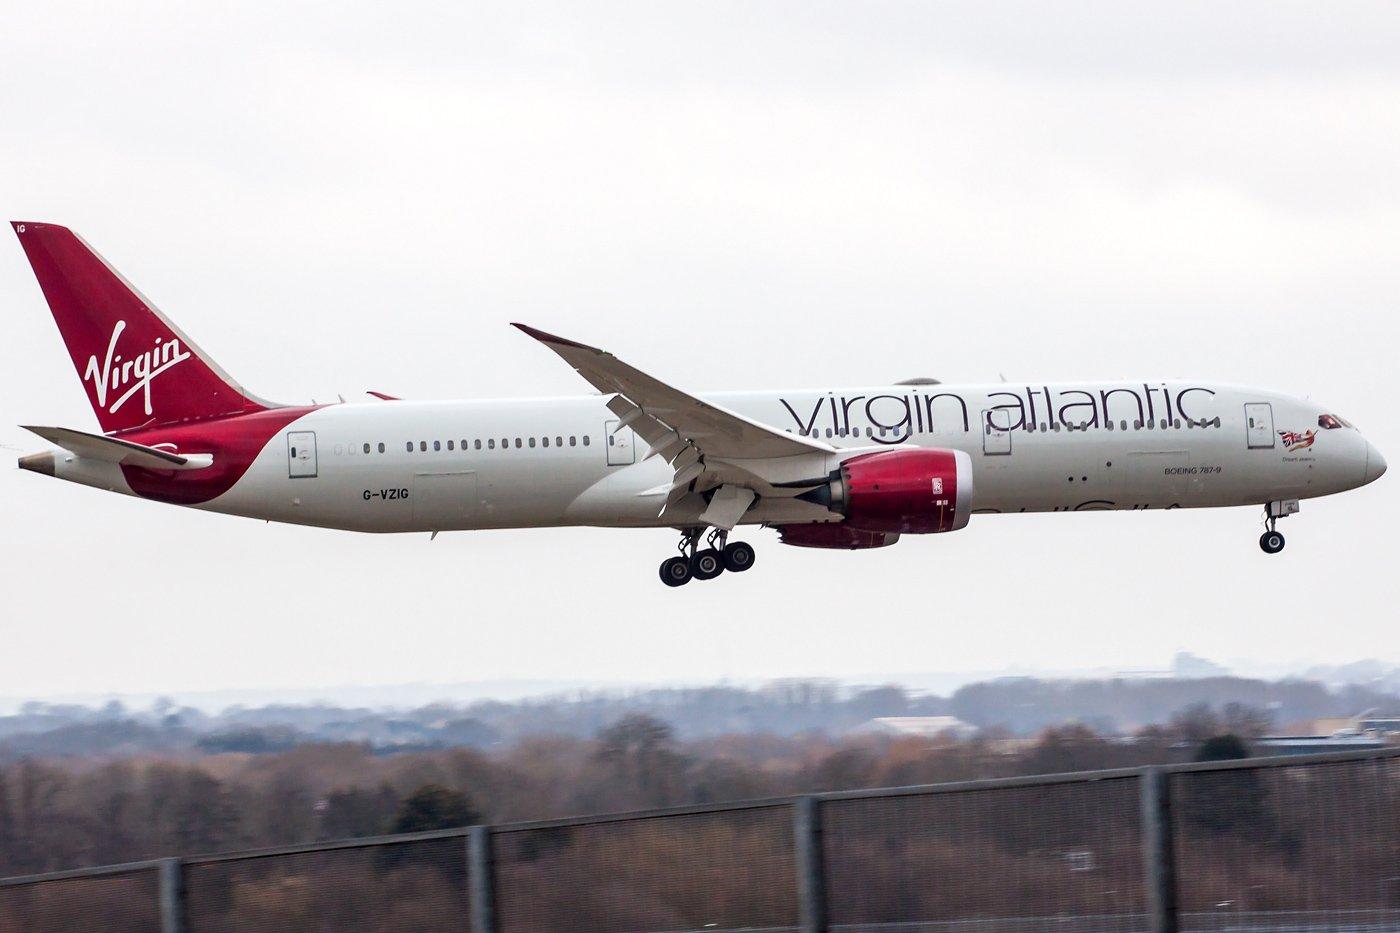 Virgin Atlantic Airways Boeing 787-9 Dreamliner G-VZIG